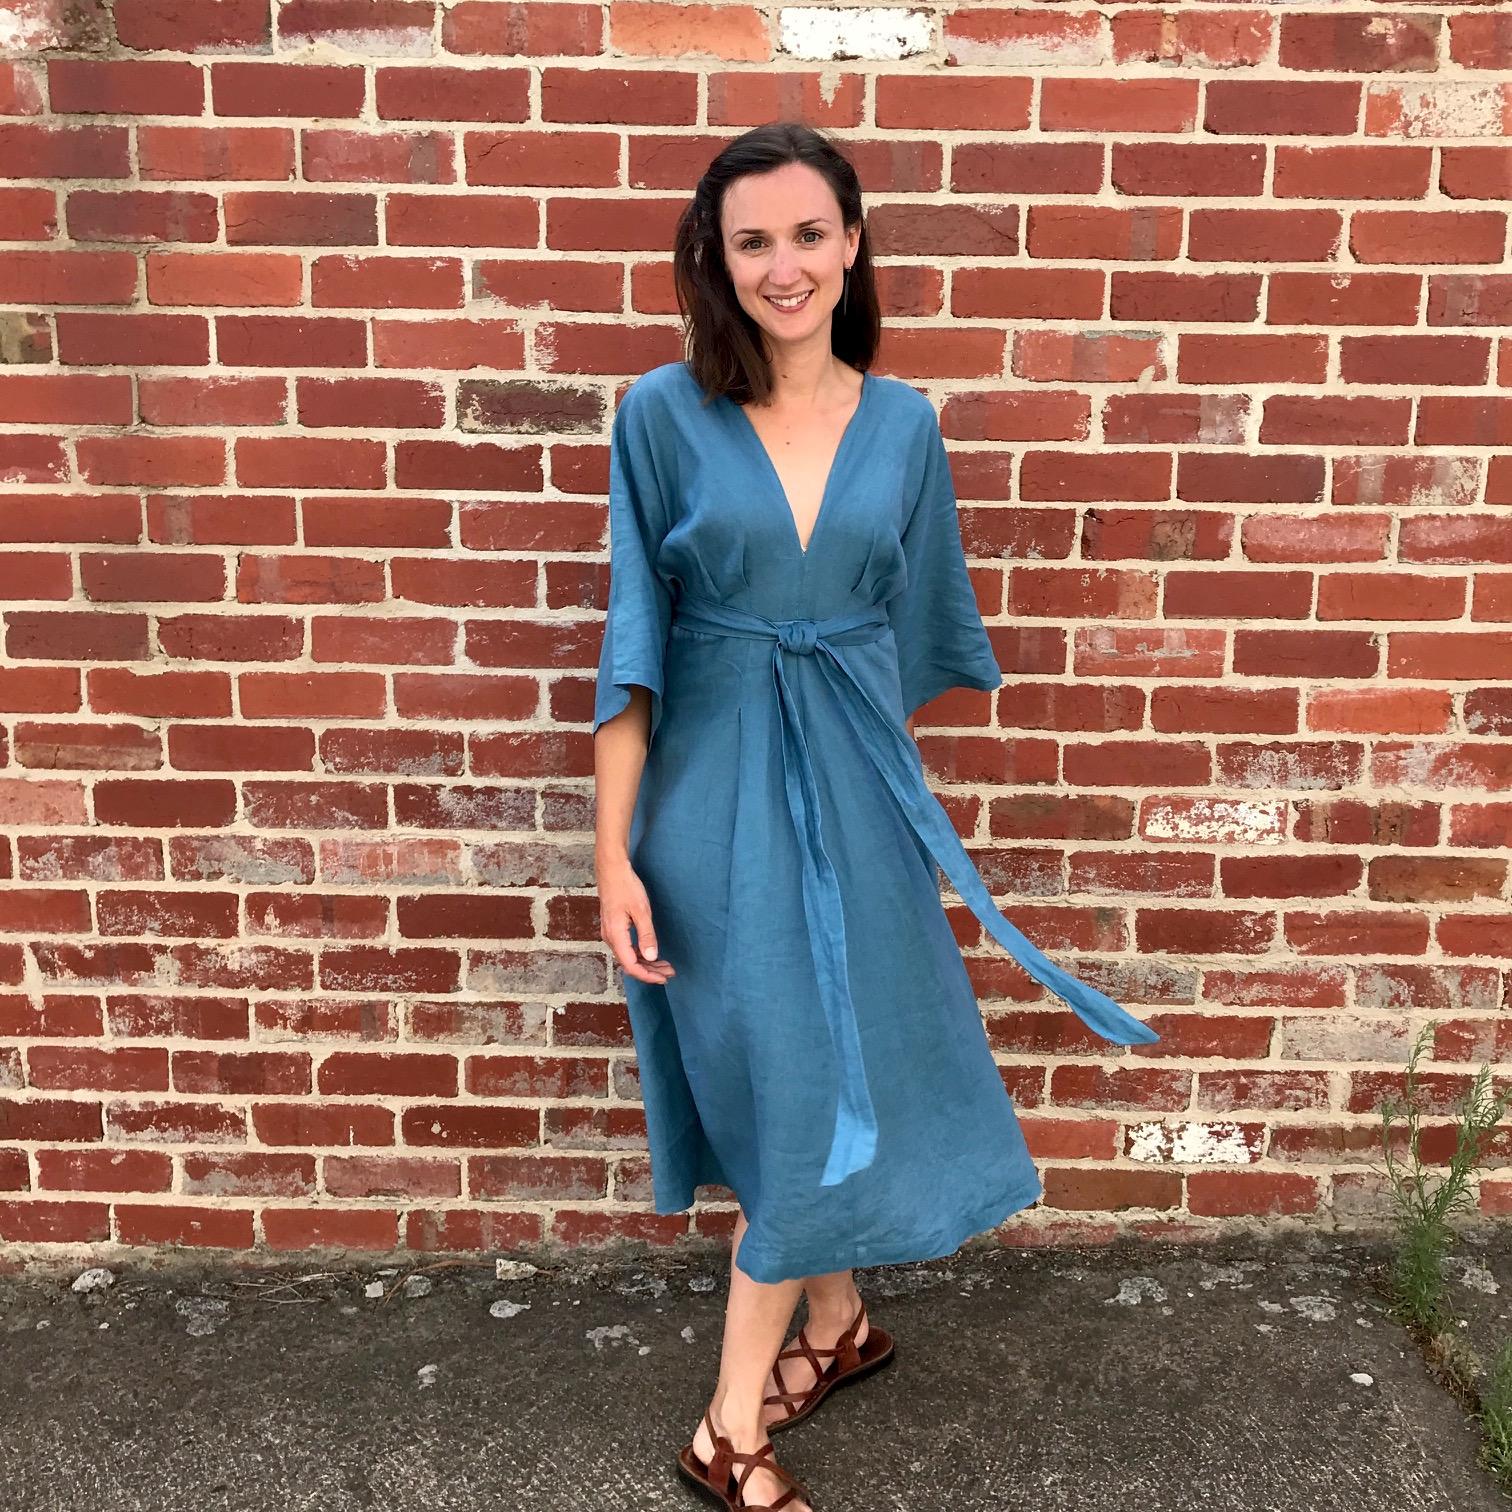 V9253 Vogue Deep V Kimono Dress in Teal Milled Linen